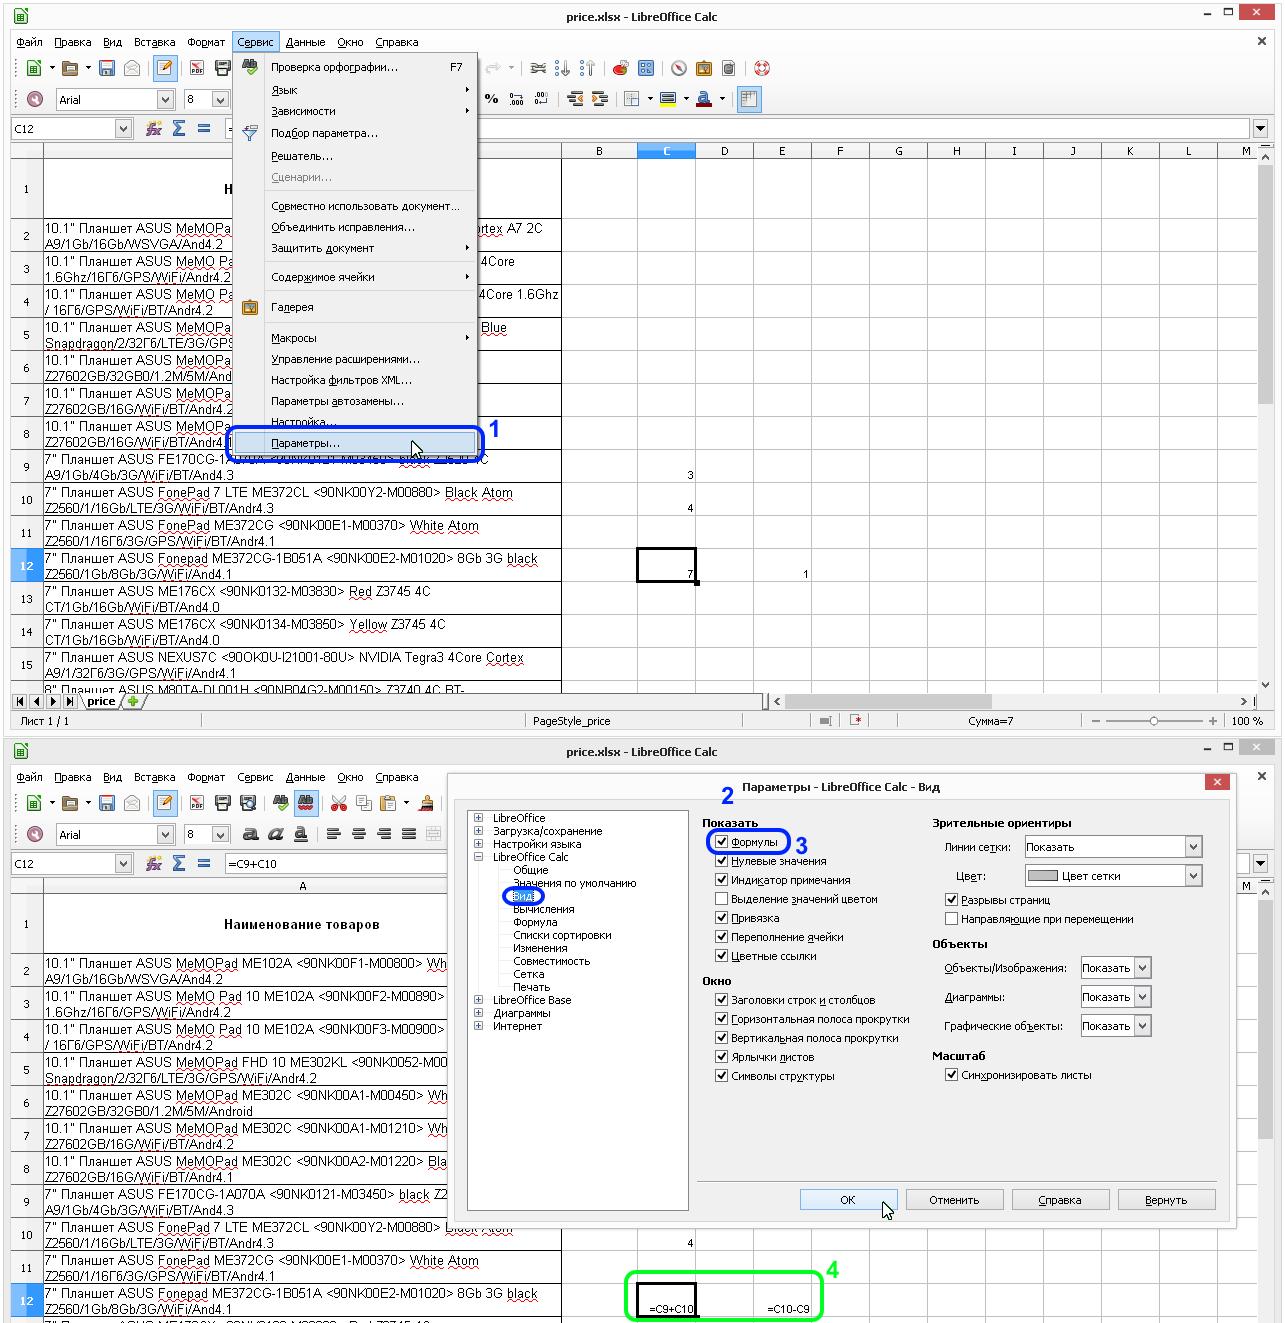 Calc: Сервис - Параметры - LibreOffice Calc - Вид - Показать - Формулы